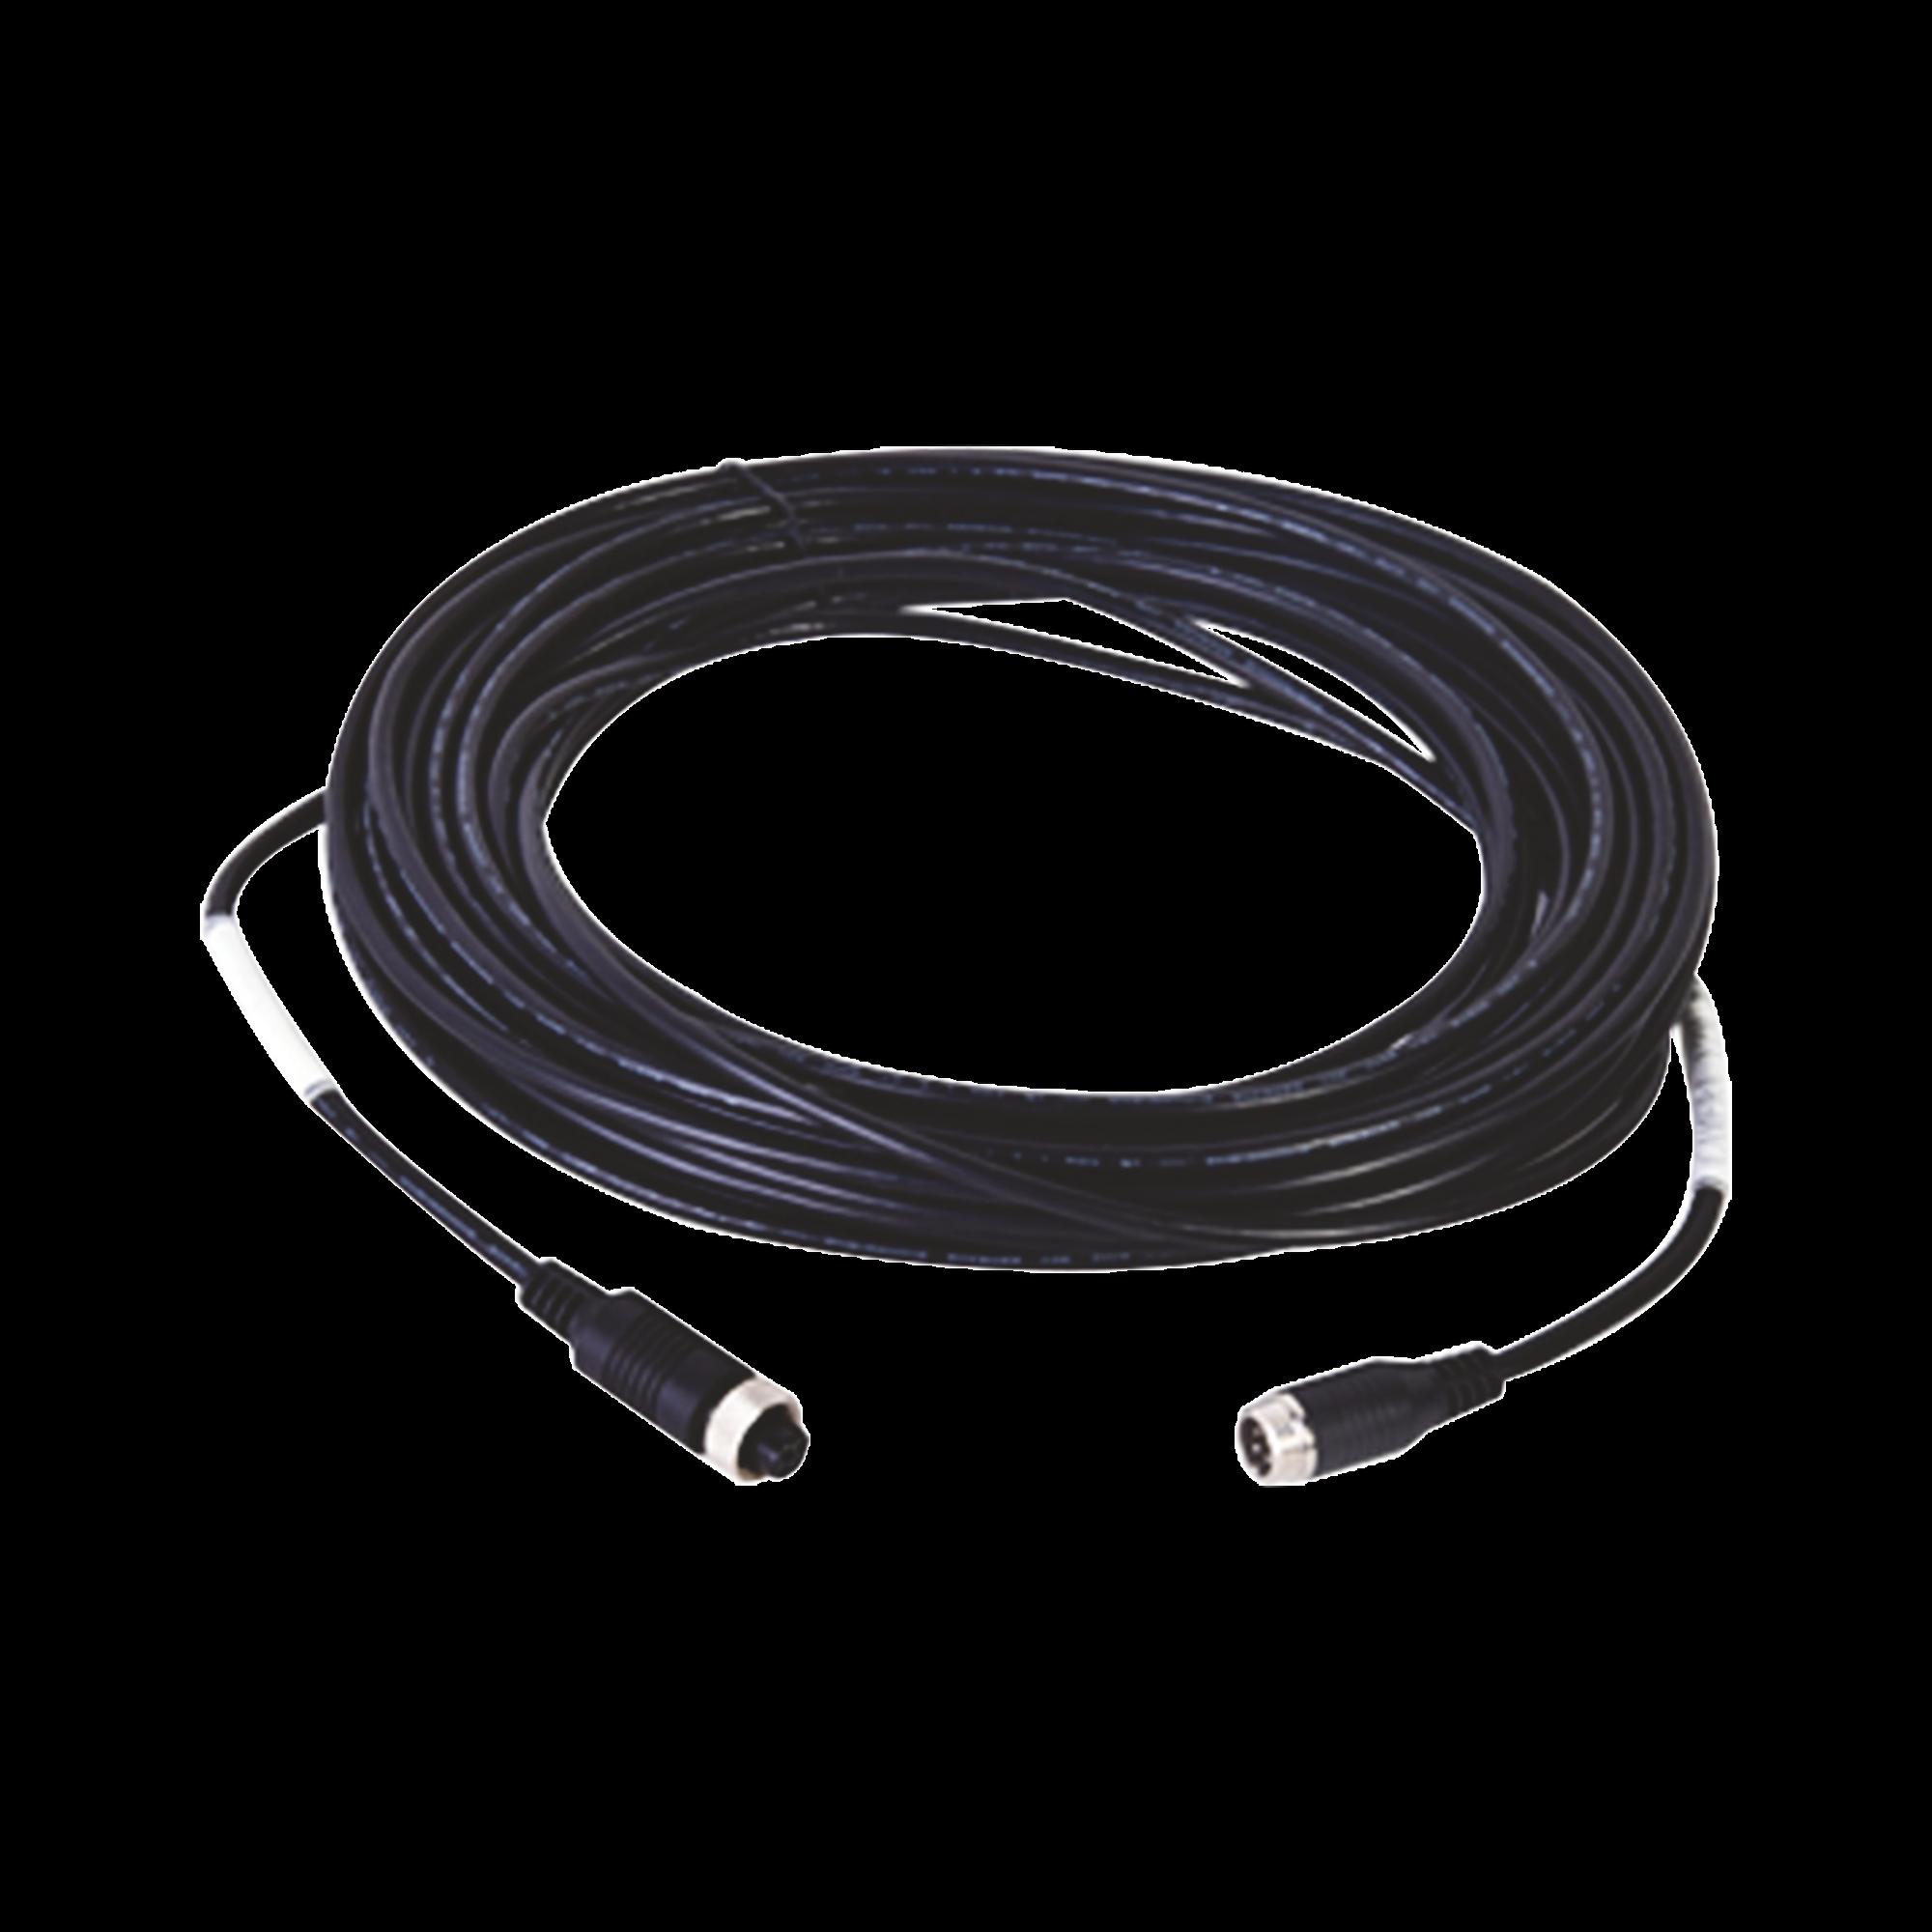 Cable Extensor de Vídeo y Audio de 6 Metros / Conector Tipo Aviación / Compatible con Cámara Móvil HIKVISION